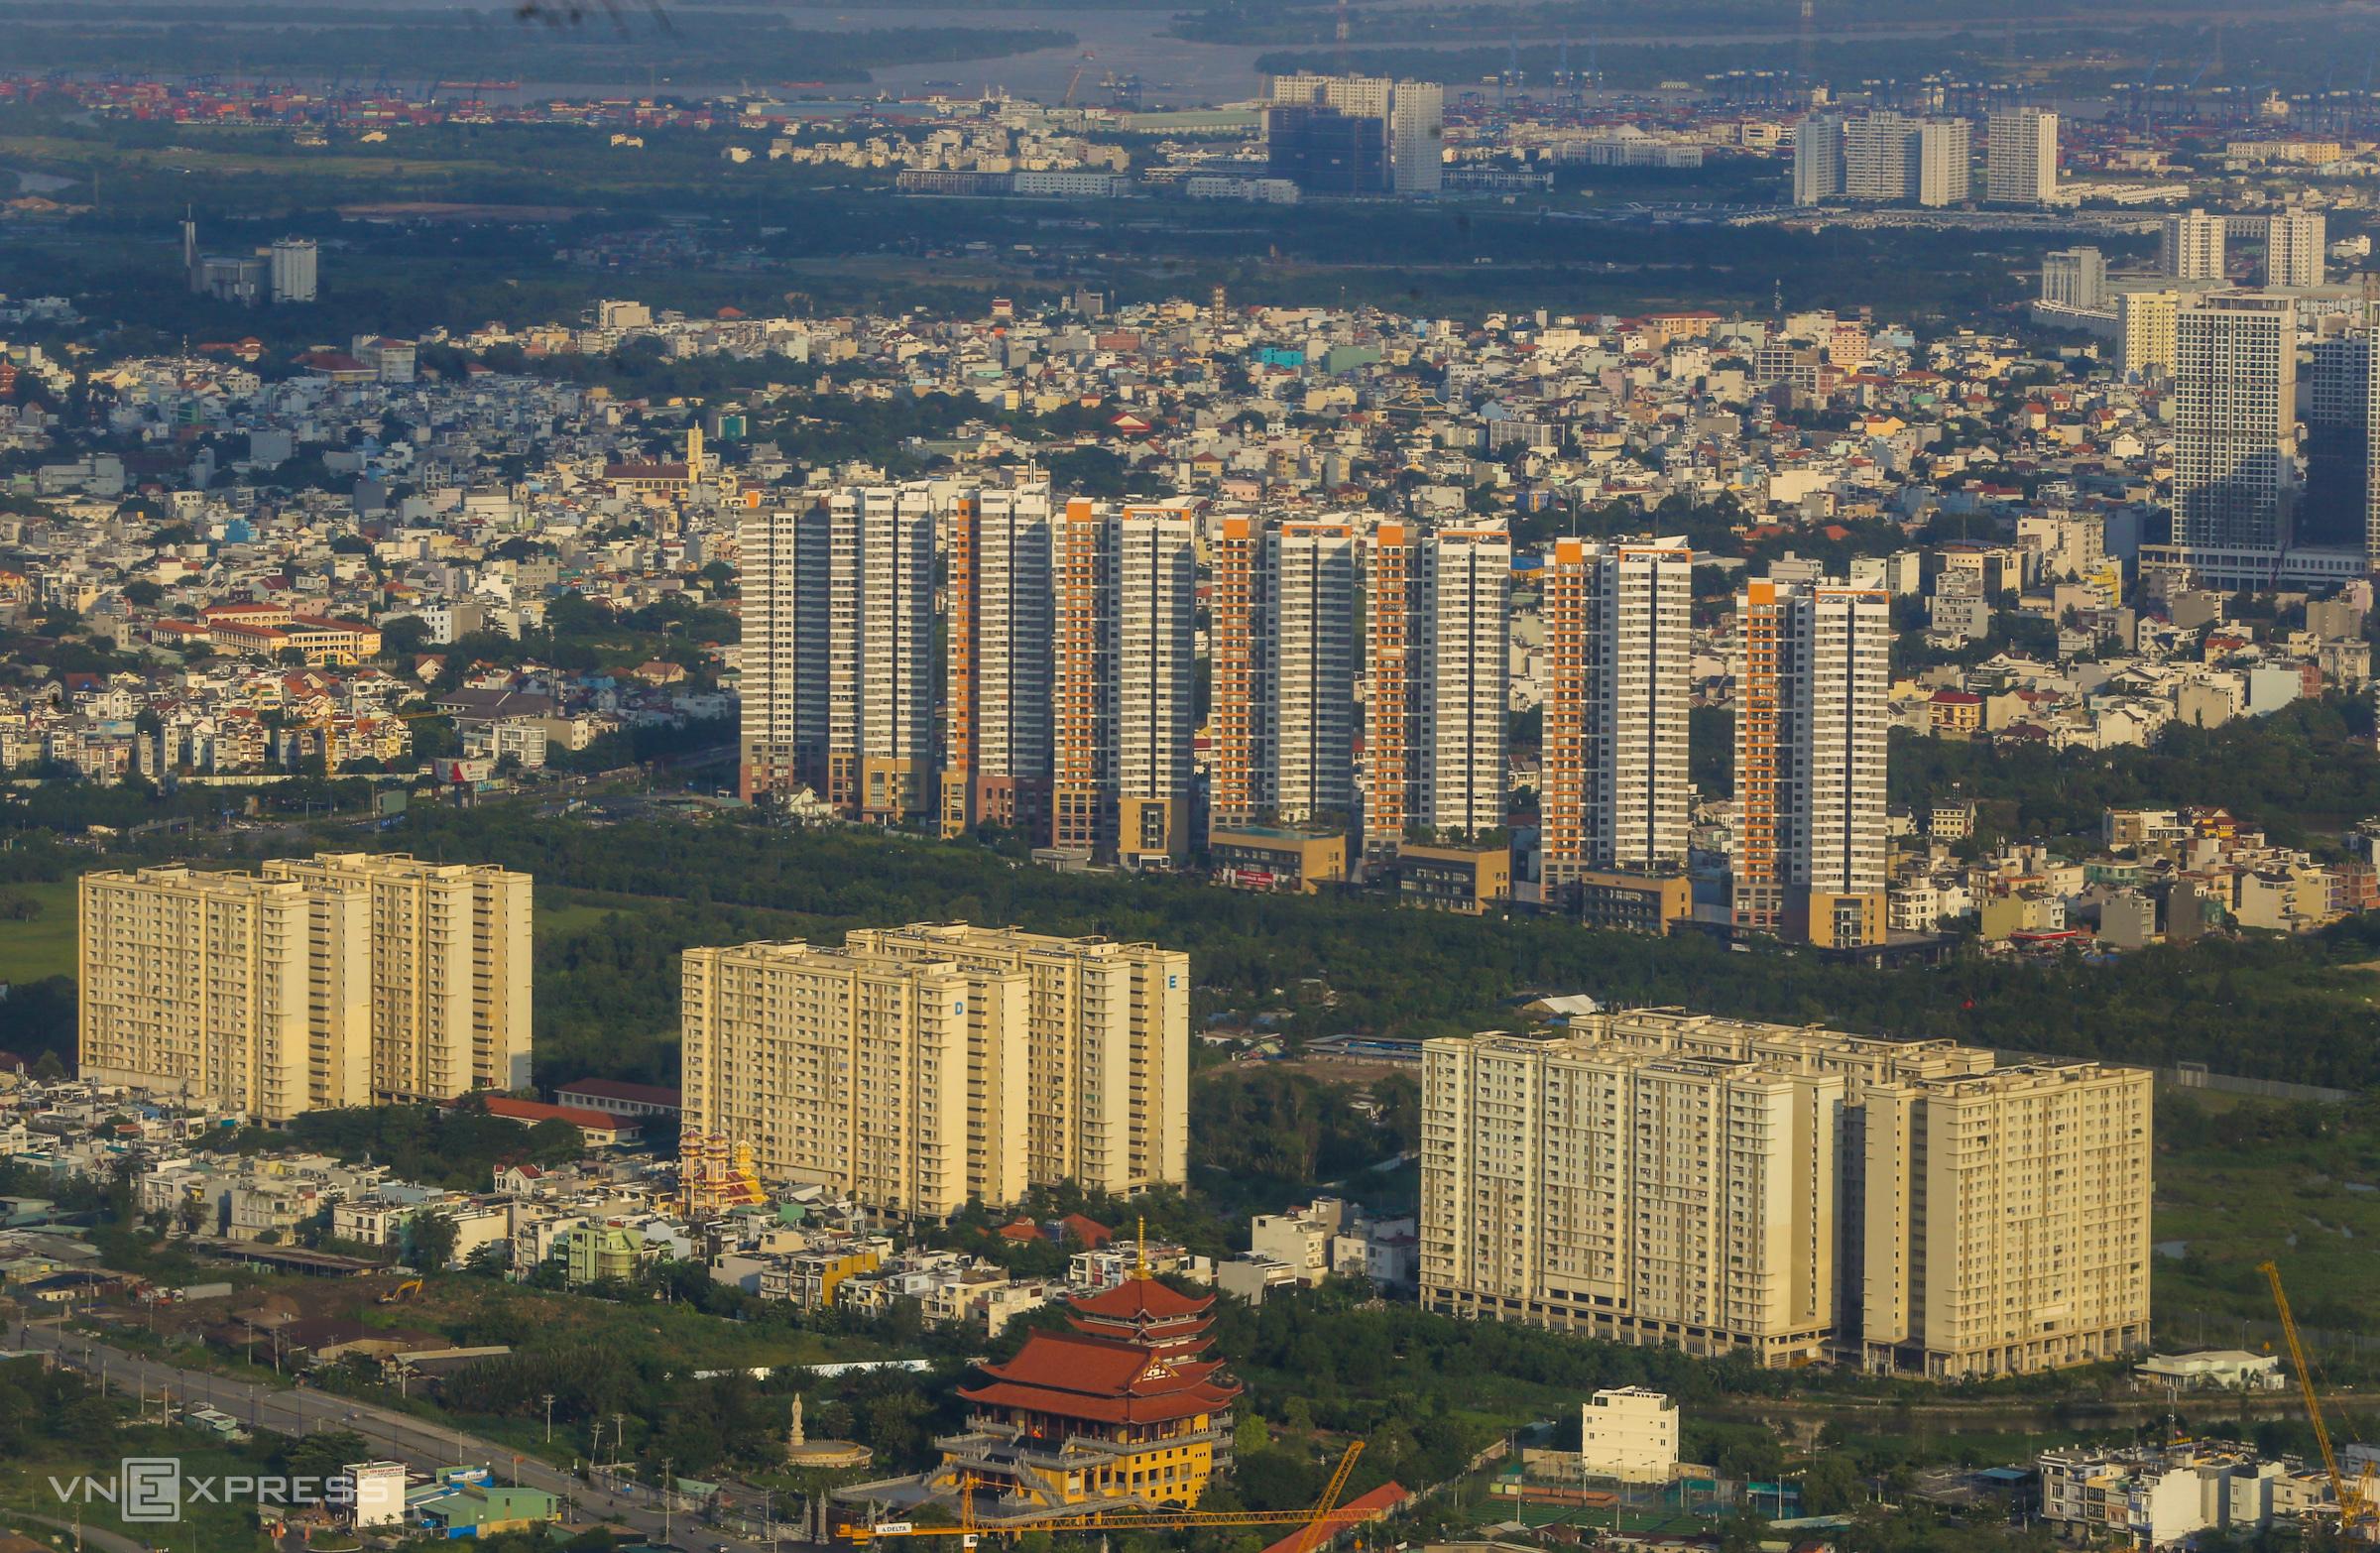 Thị trường nhà chung cư TP Thủ Đức. Ảnh: Quỳnh Trần.